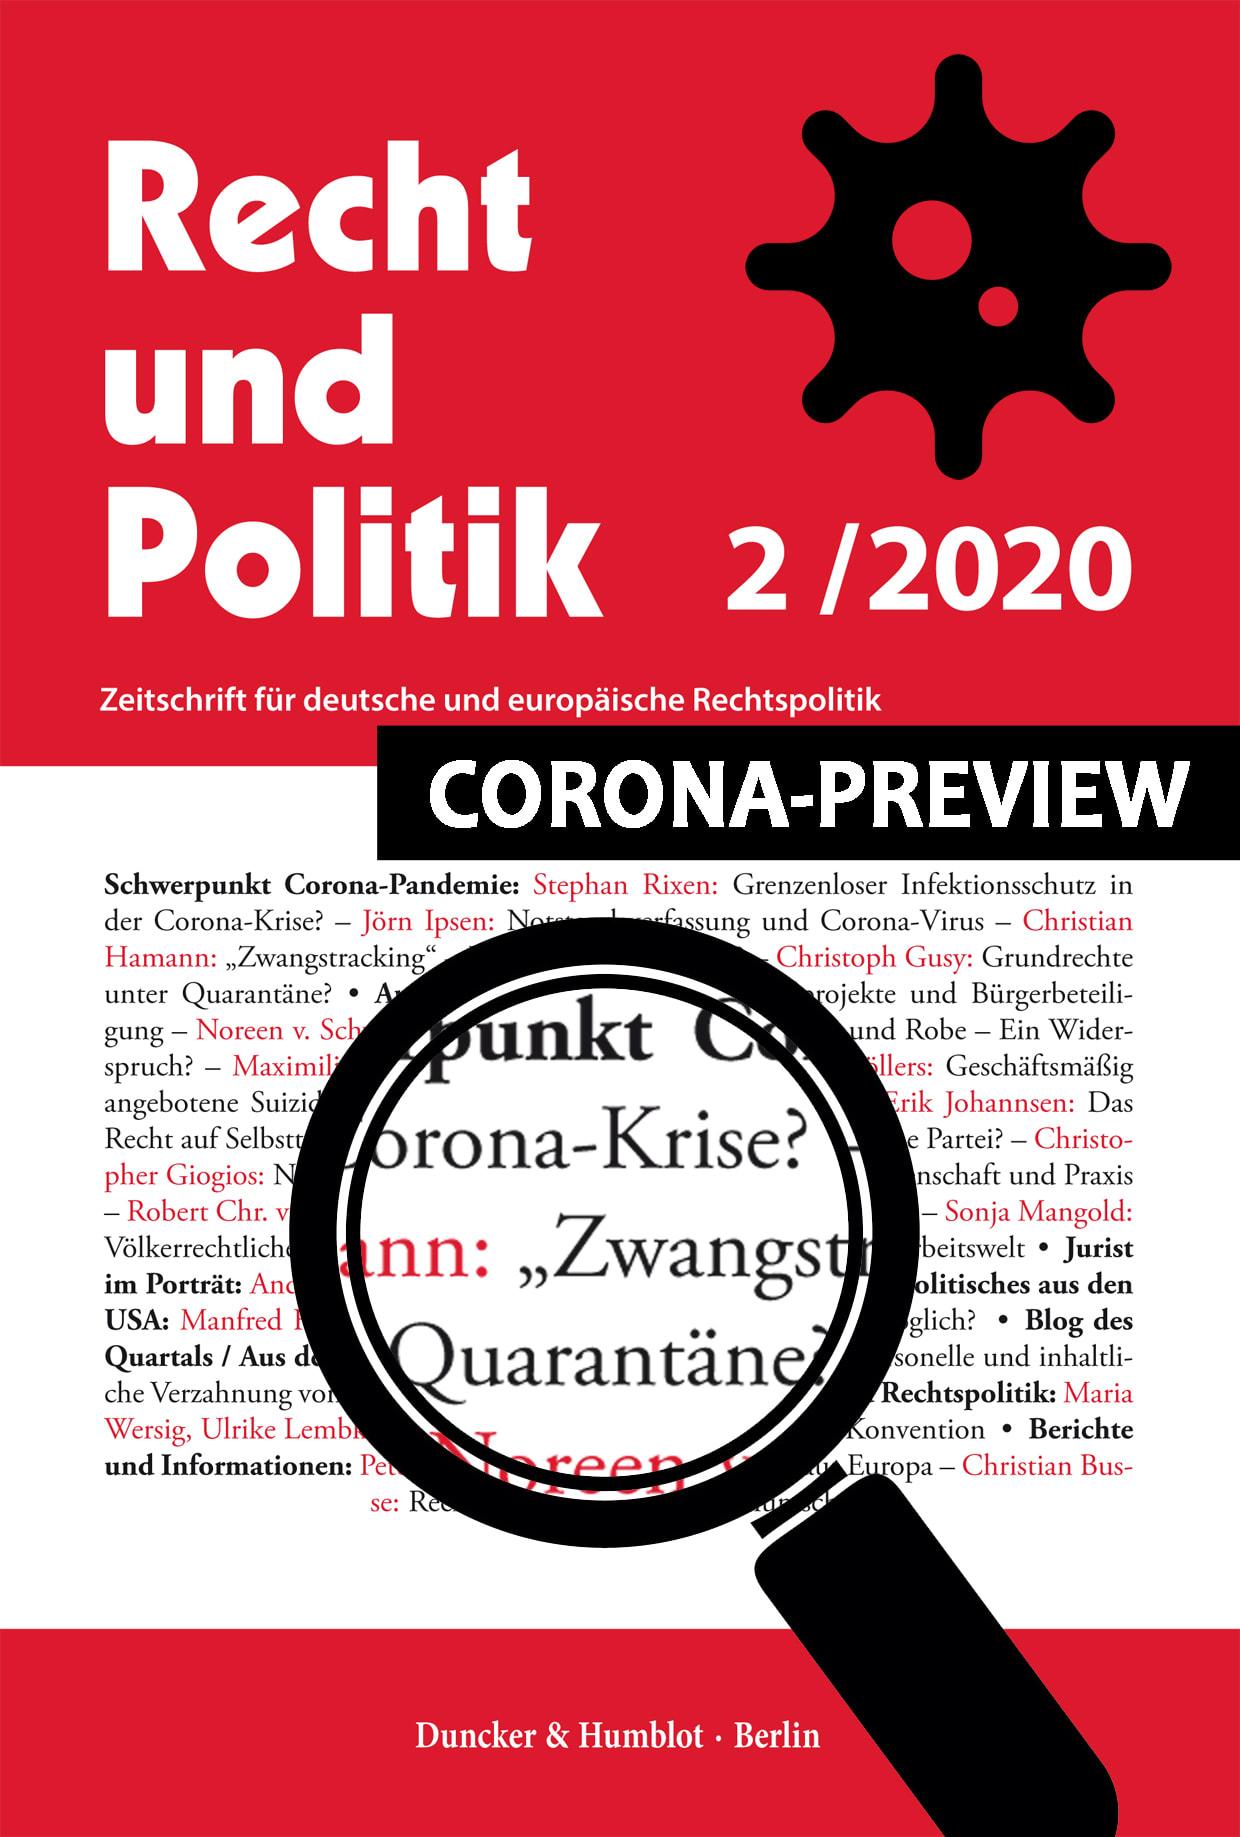 SCHWERPUNKT CORONA-PANDEMIE: FREI ZUGÄNGLICH BIS 30.06.2020!